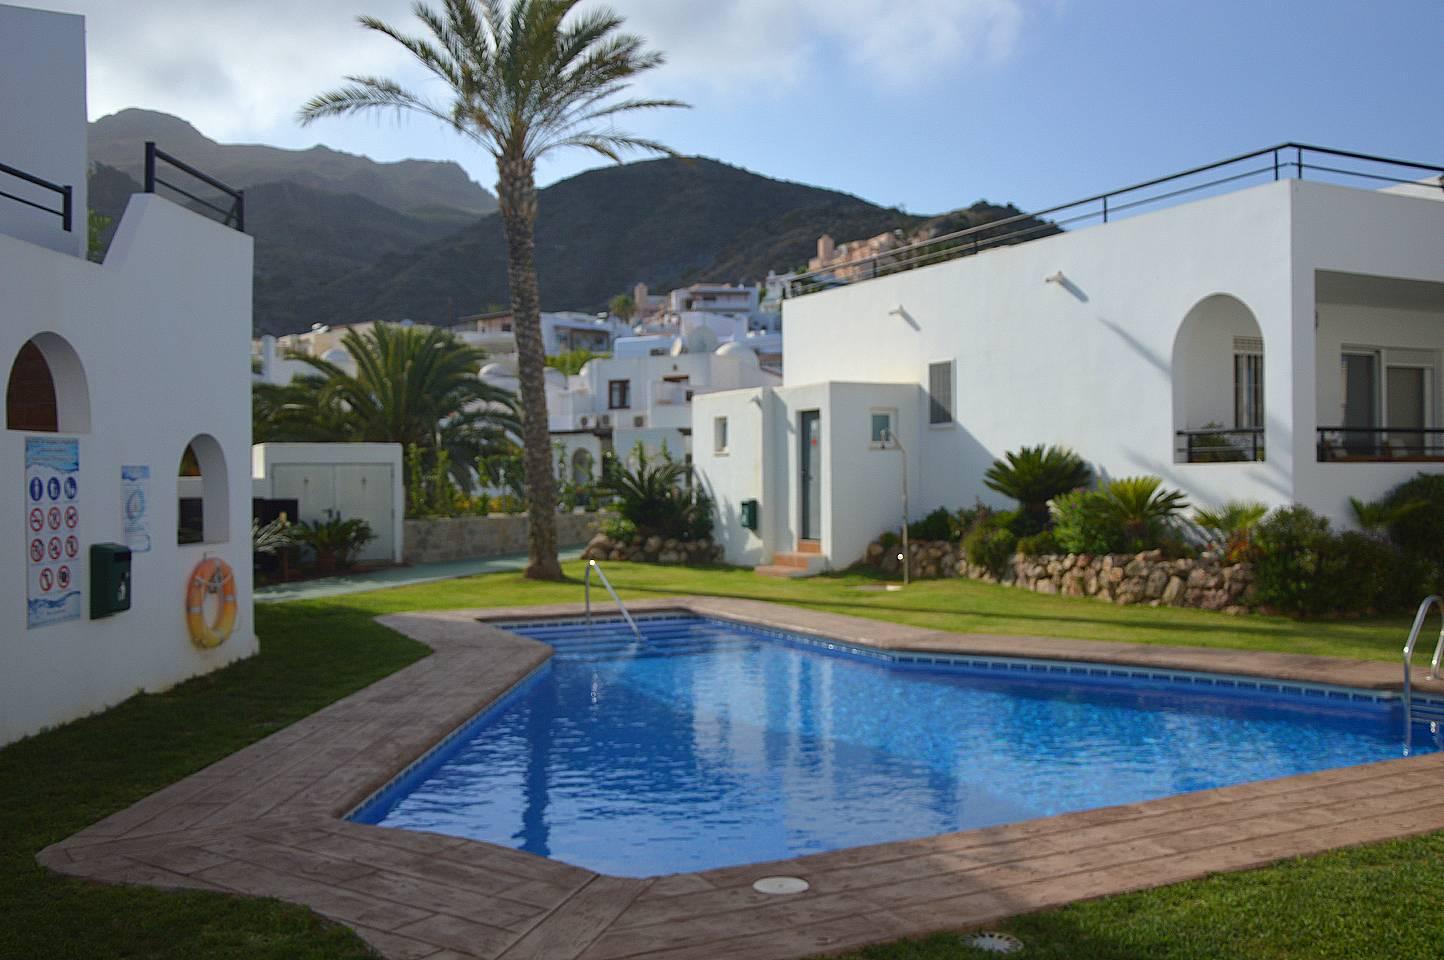 Apartamento en alquiler a 20 m de la playa moj car playa moj car almer a costa de almer a - Apartamentos alquiler mojacar ...